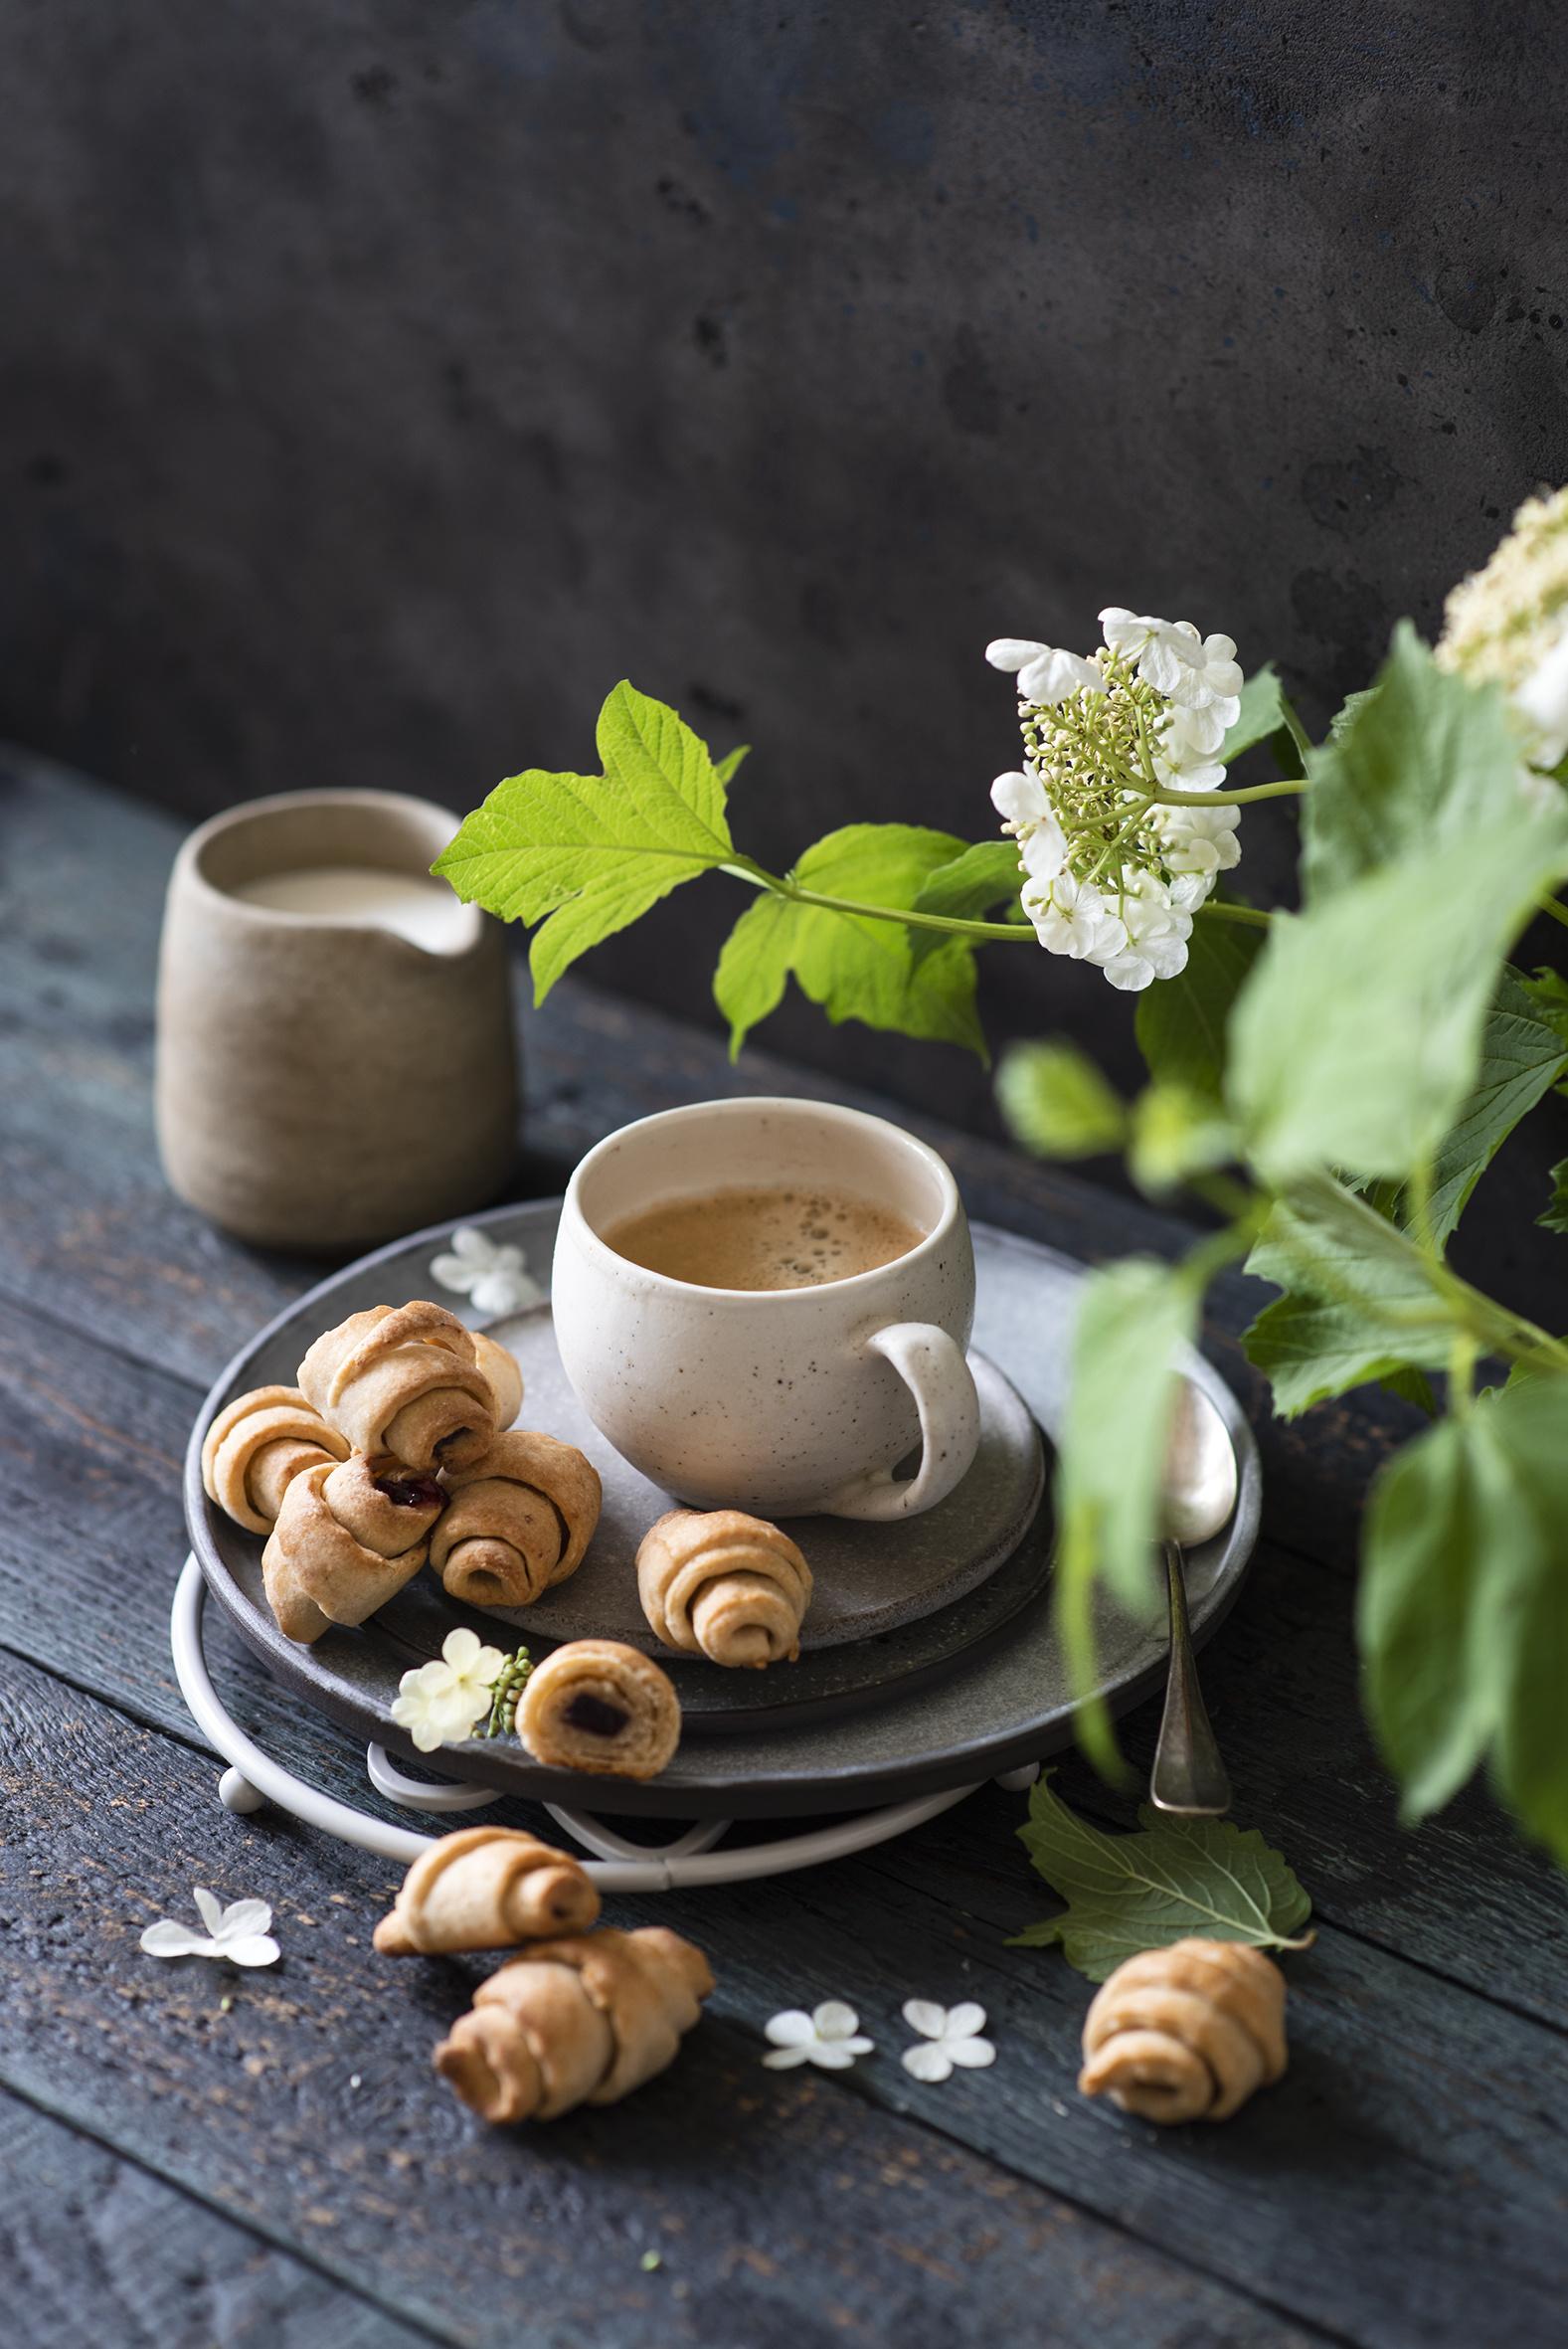 Bilder Kaffee Croissant Cappuccino Ast Tasse Lebensmittel Bretter  für Handy das Essen